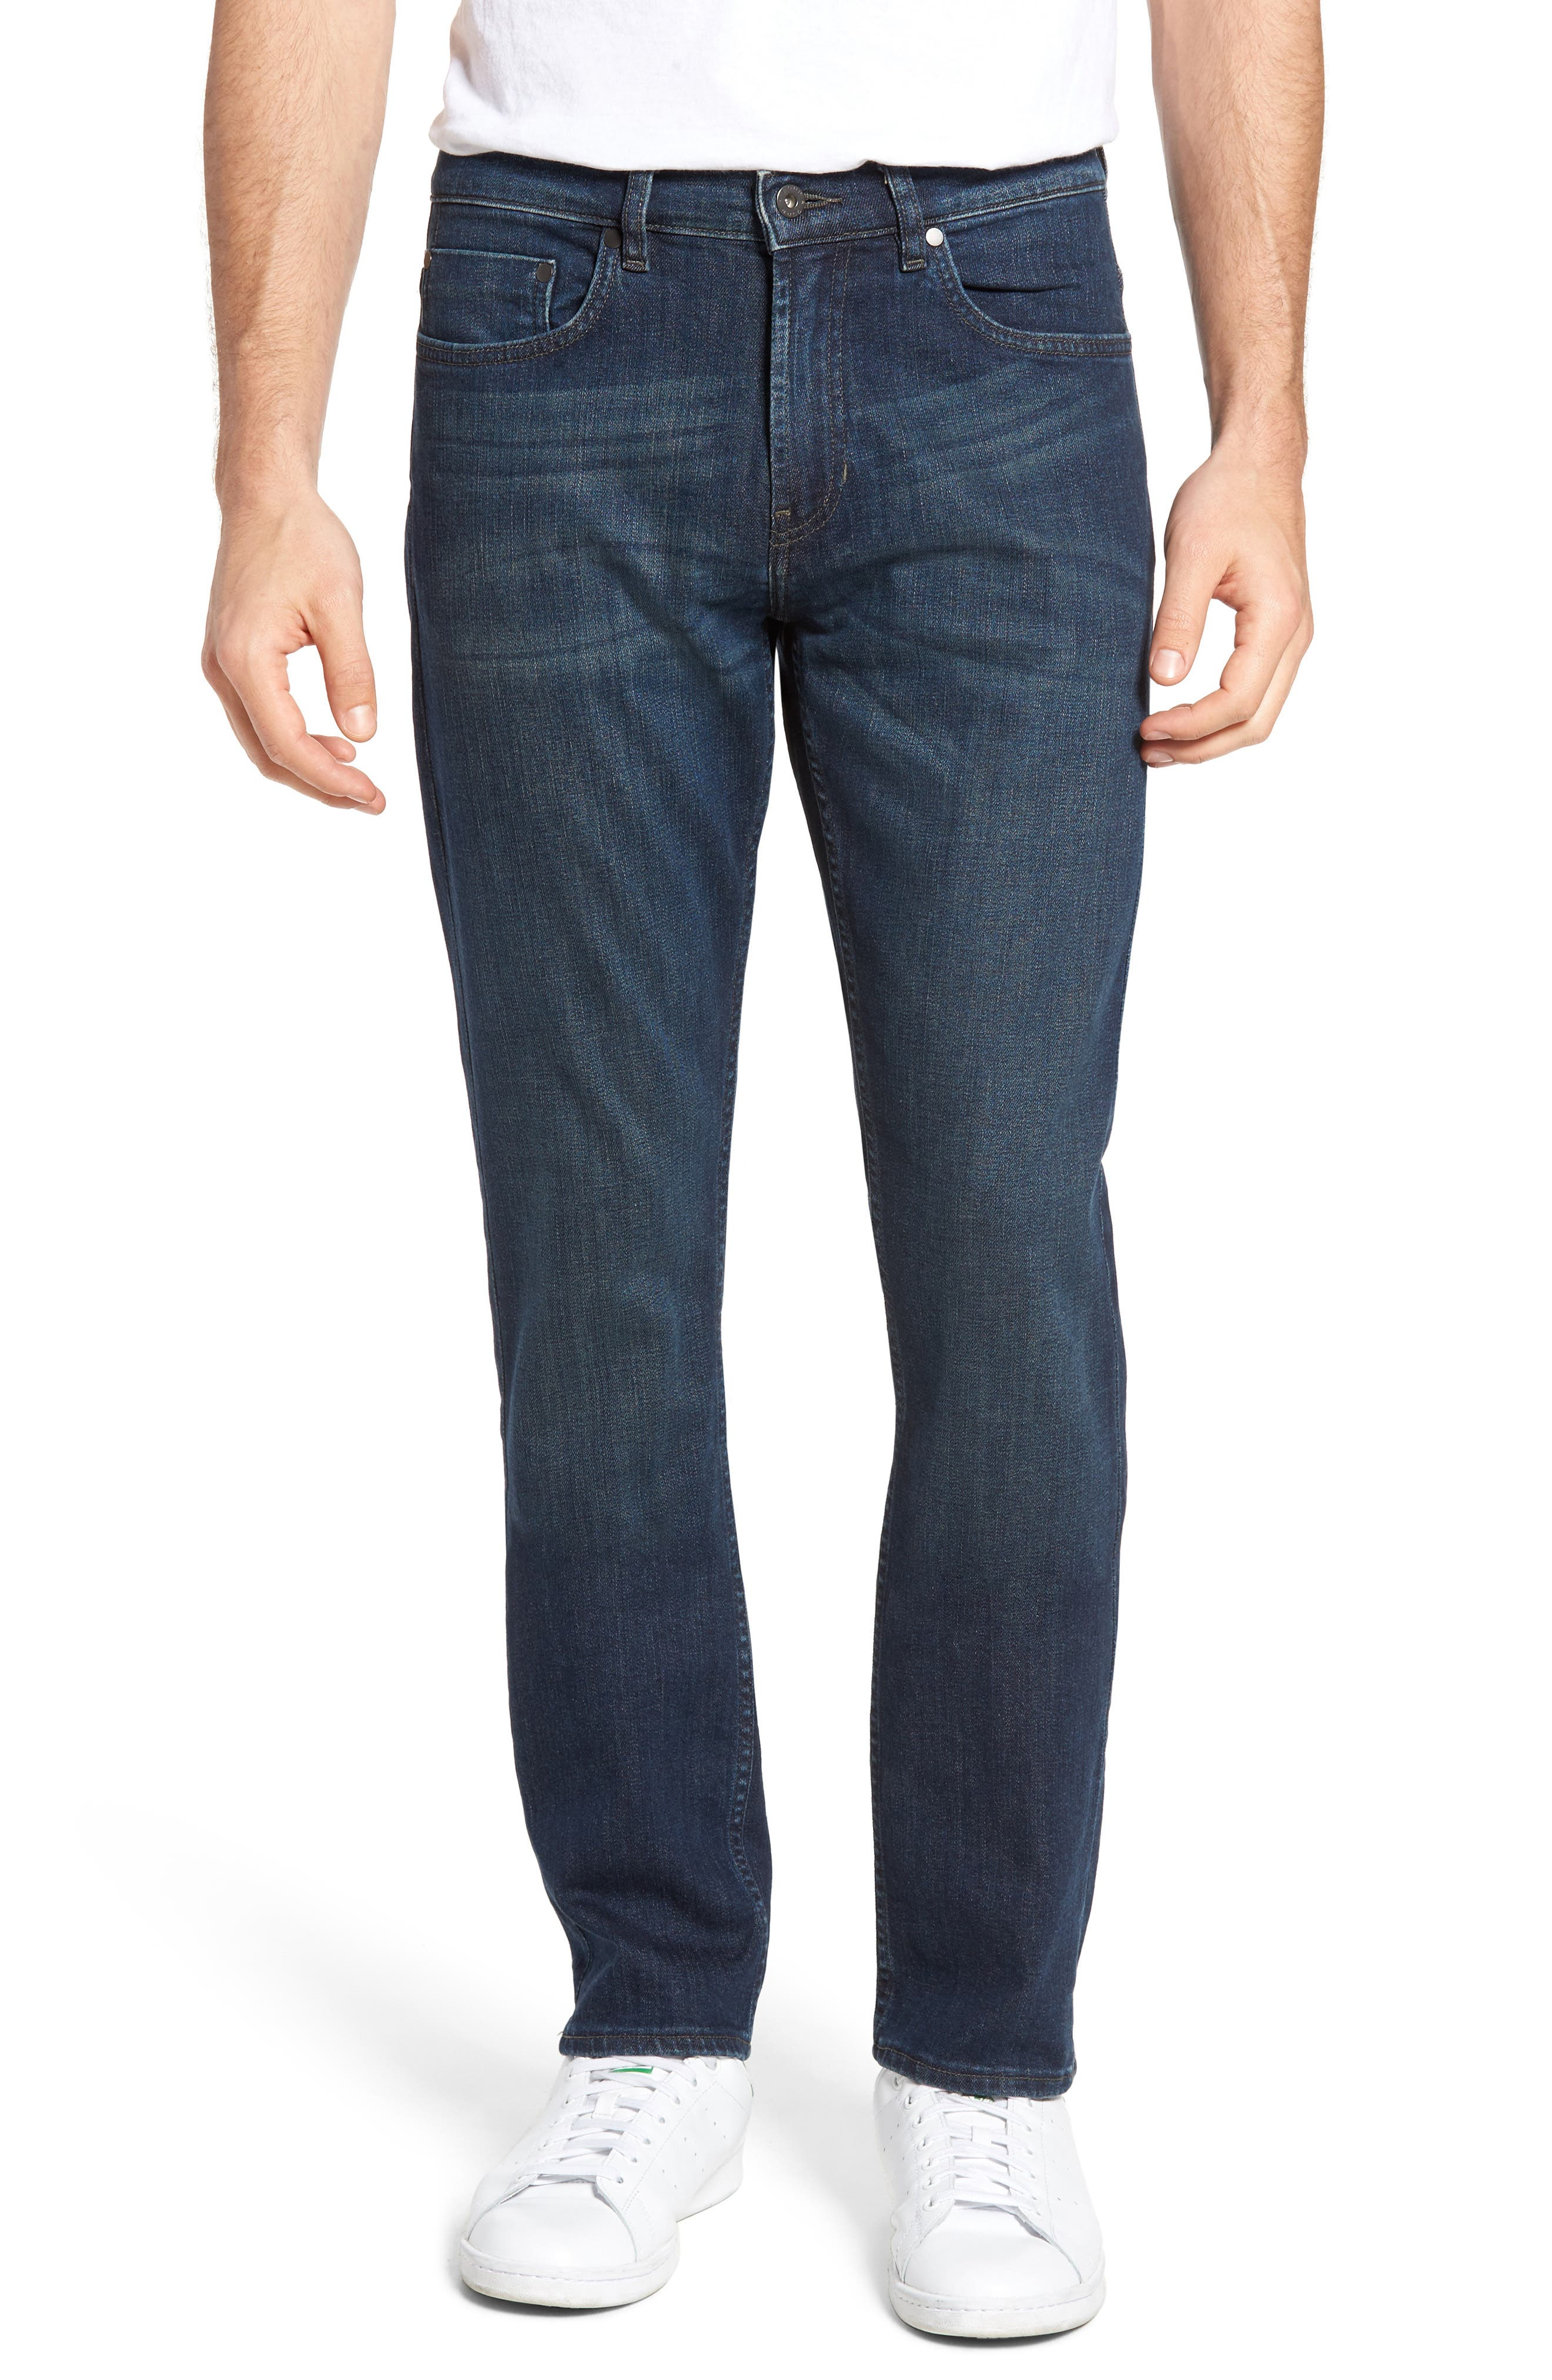 Calvert Slim Fit Jeans,                         Main,                         color, Blue